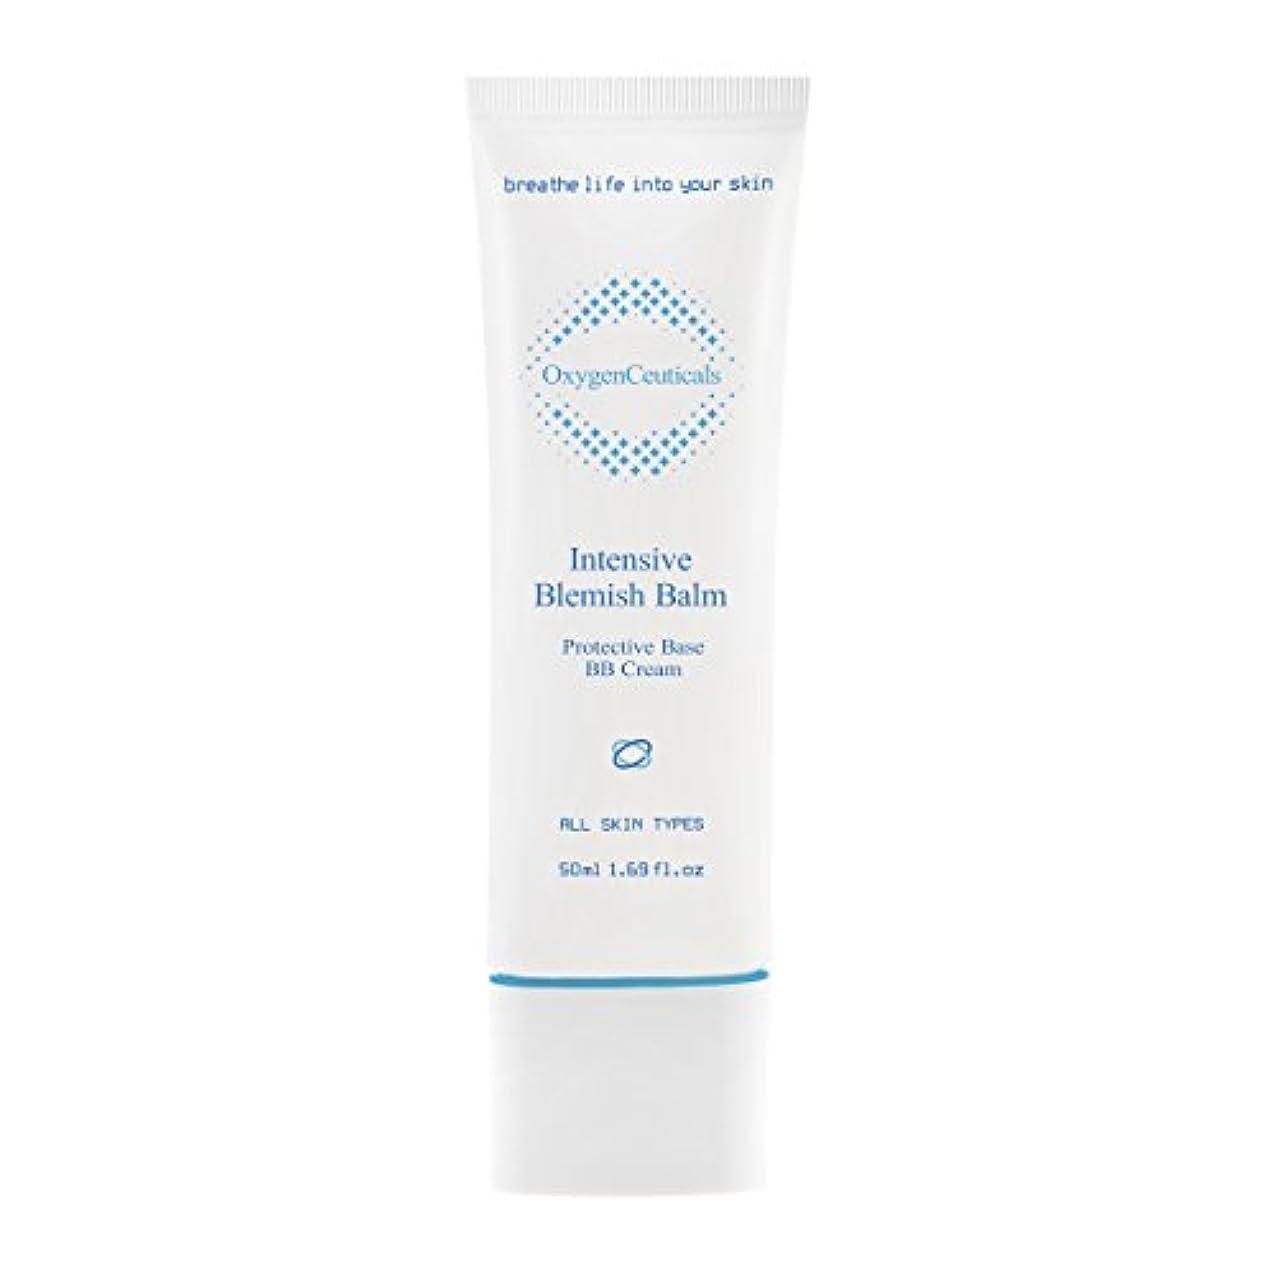 帰るマーキング合金[ Oxygen Ceuticals ] オキシジェンシューティカルズ 酸素BBクリーム[再.生BB] 50ml. Intensive Blemish Balm(BB Cream) 50ml. X Mask Pack 1p.